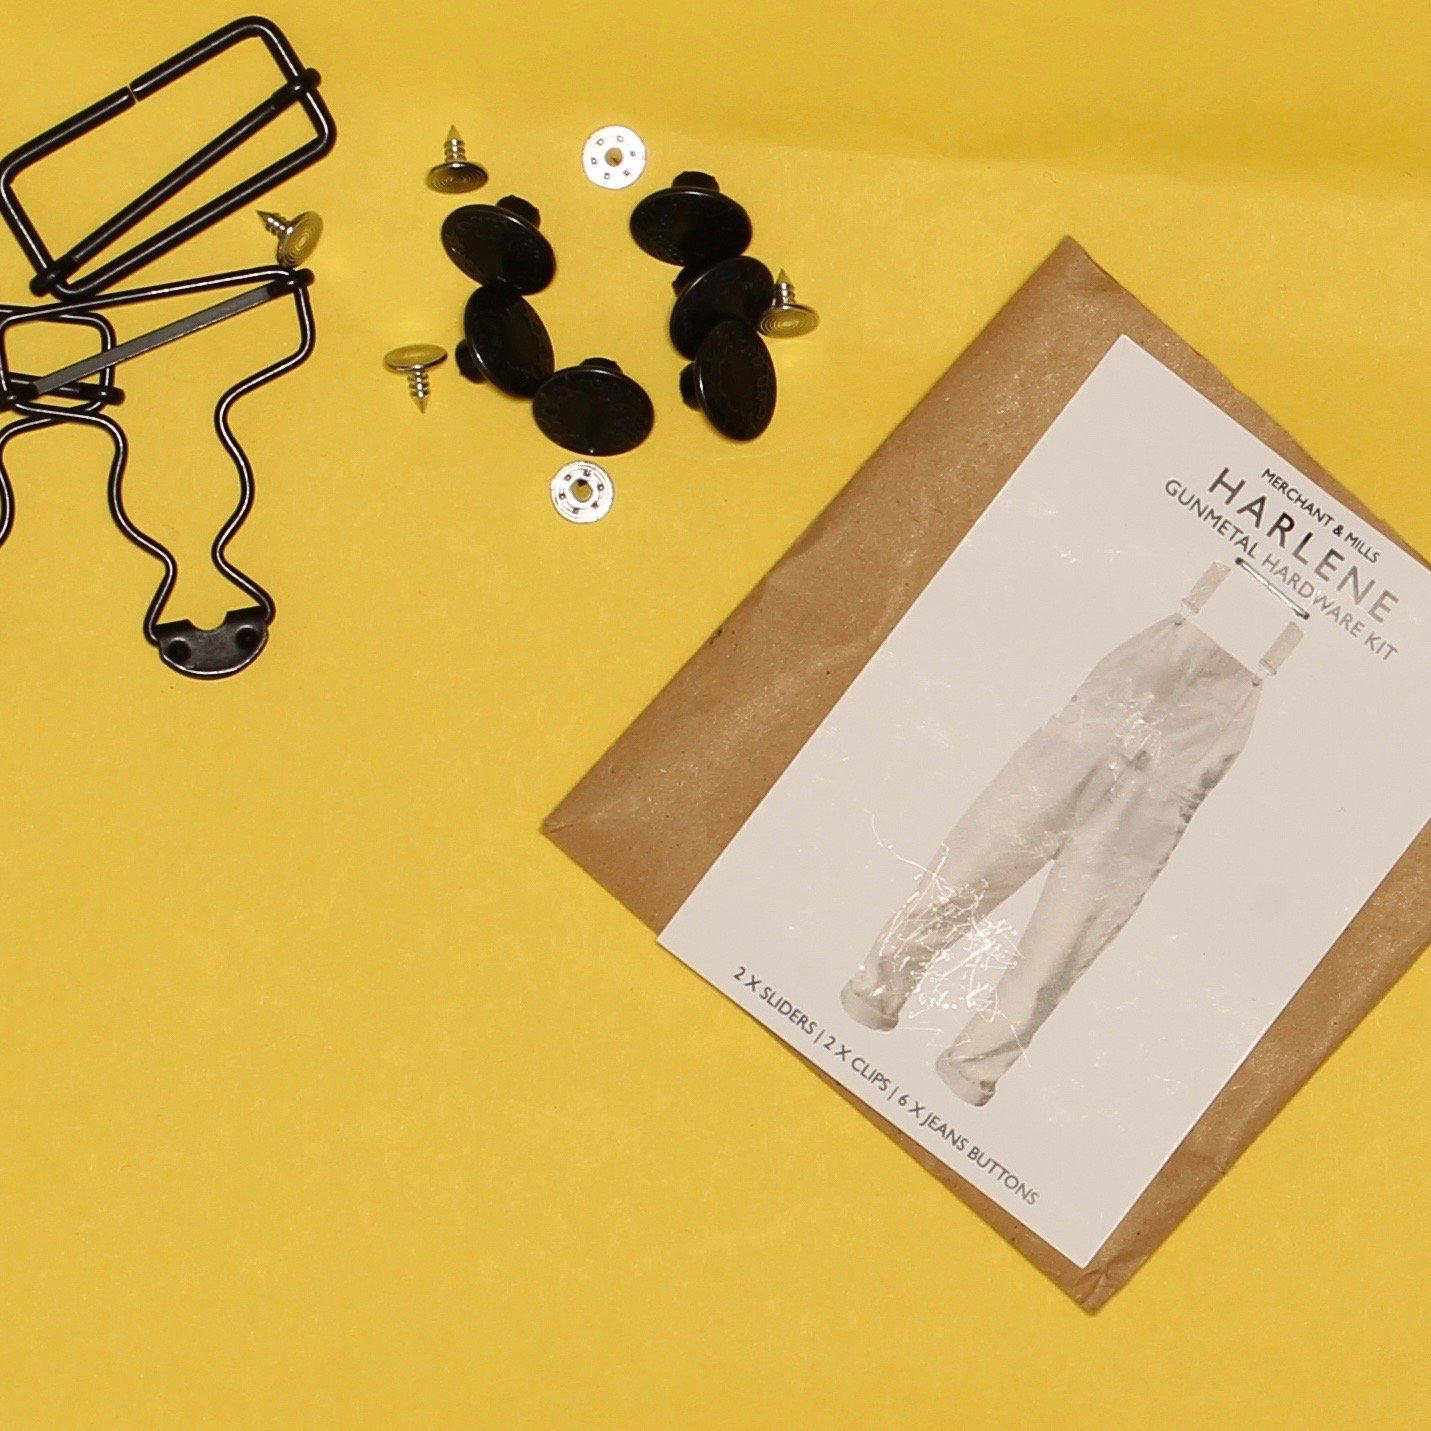 Harlene Hardware Kit by Merchant & Mills